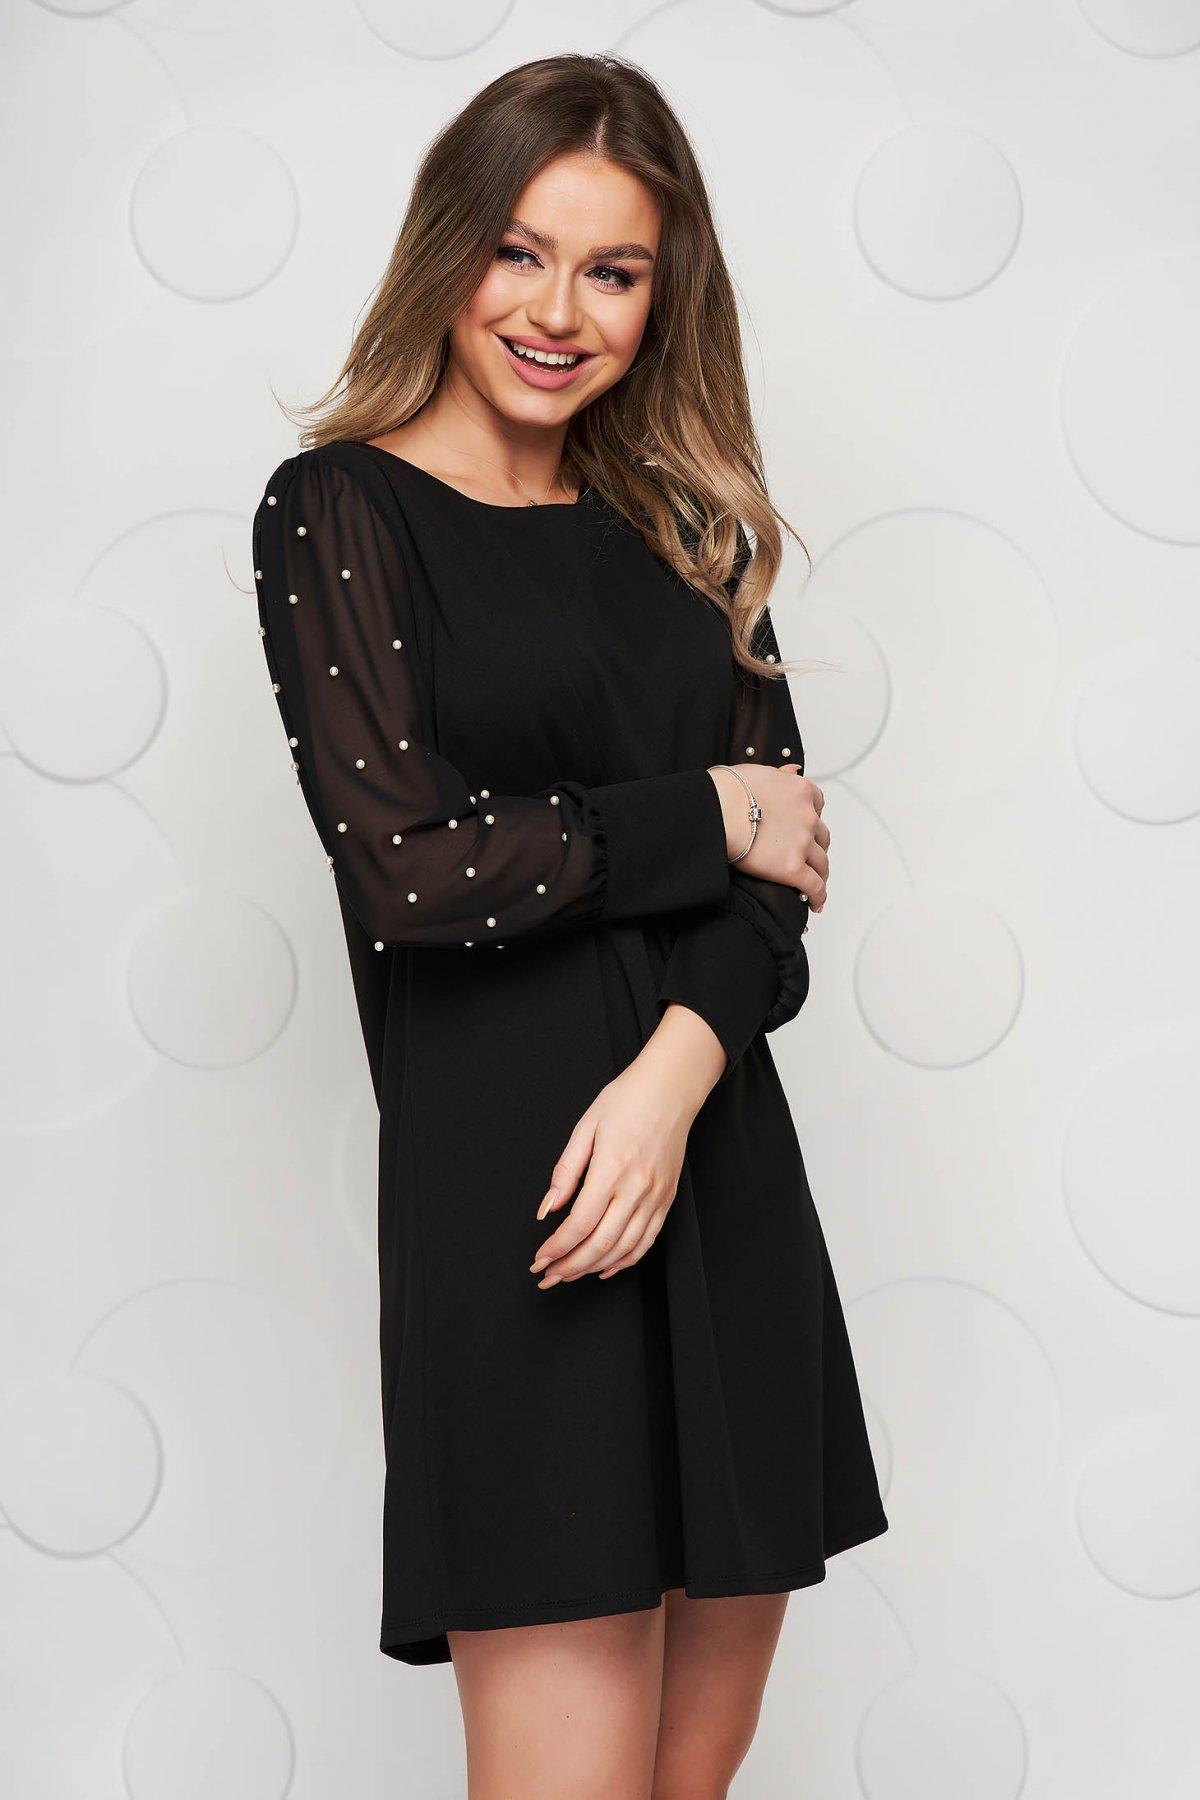 Rochie SunShine neagra scurta de ocazie cu croi larg cu maneci din voal si aplicatii cu perle